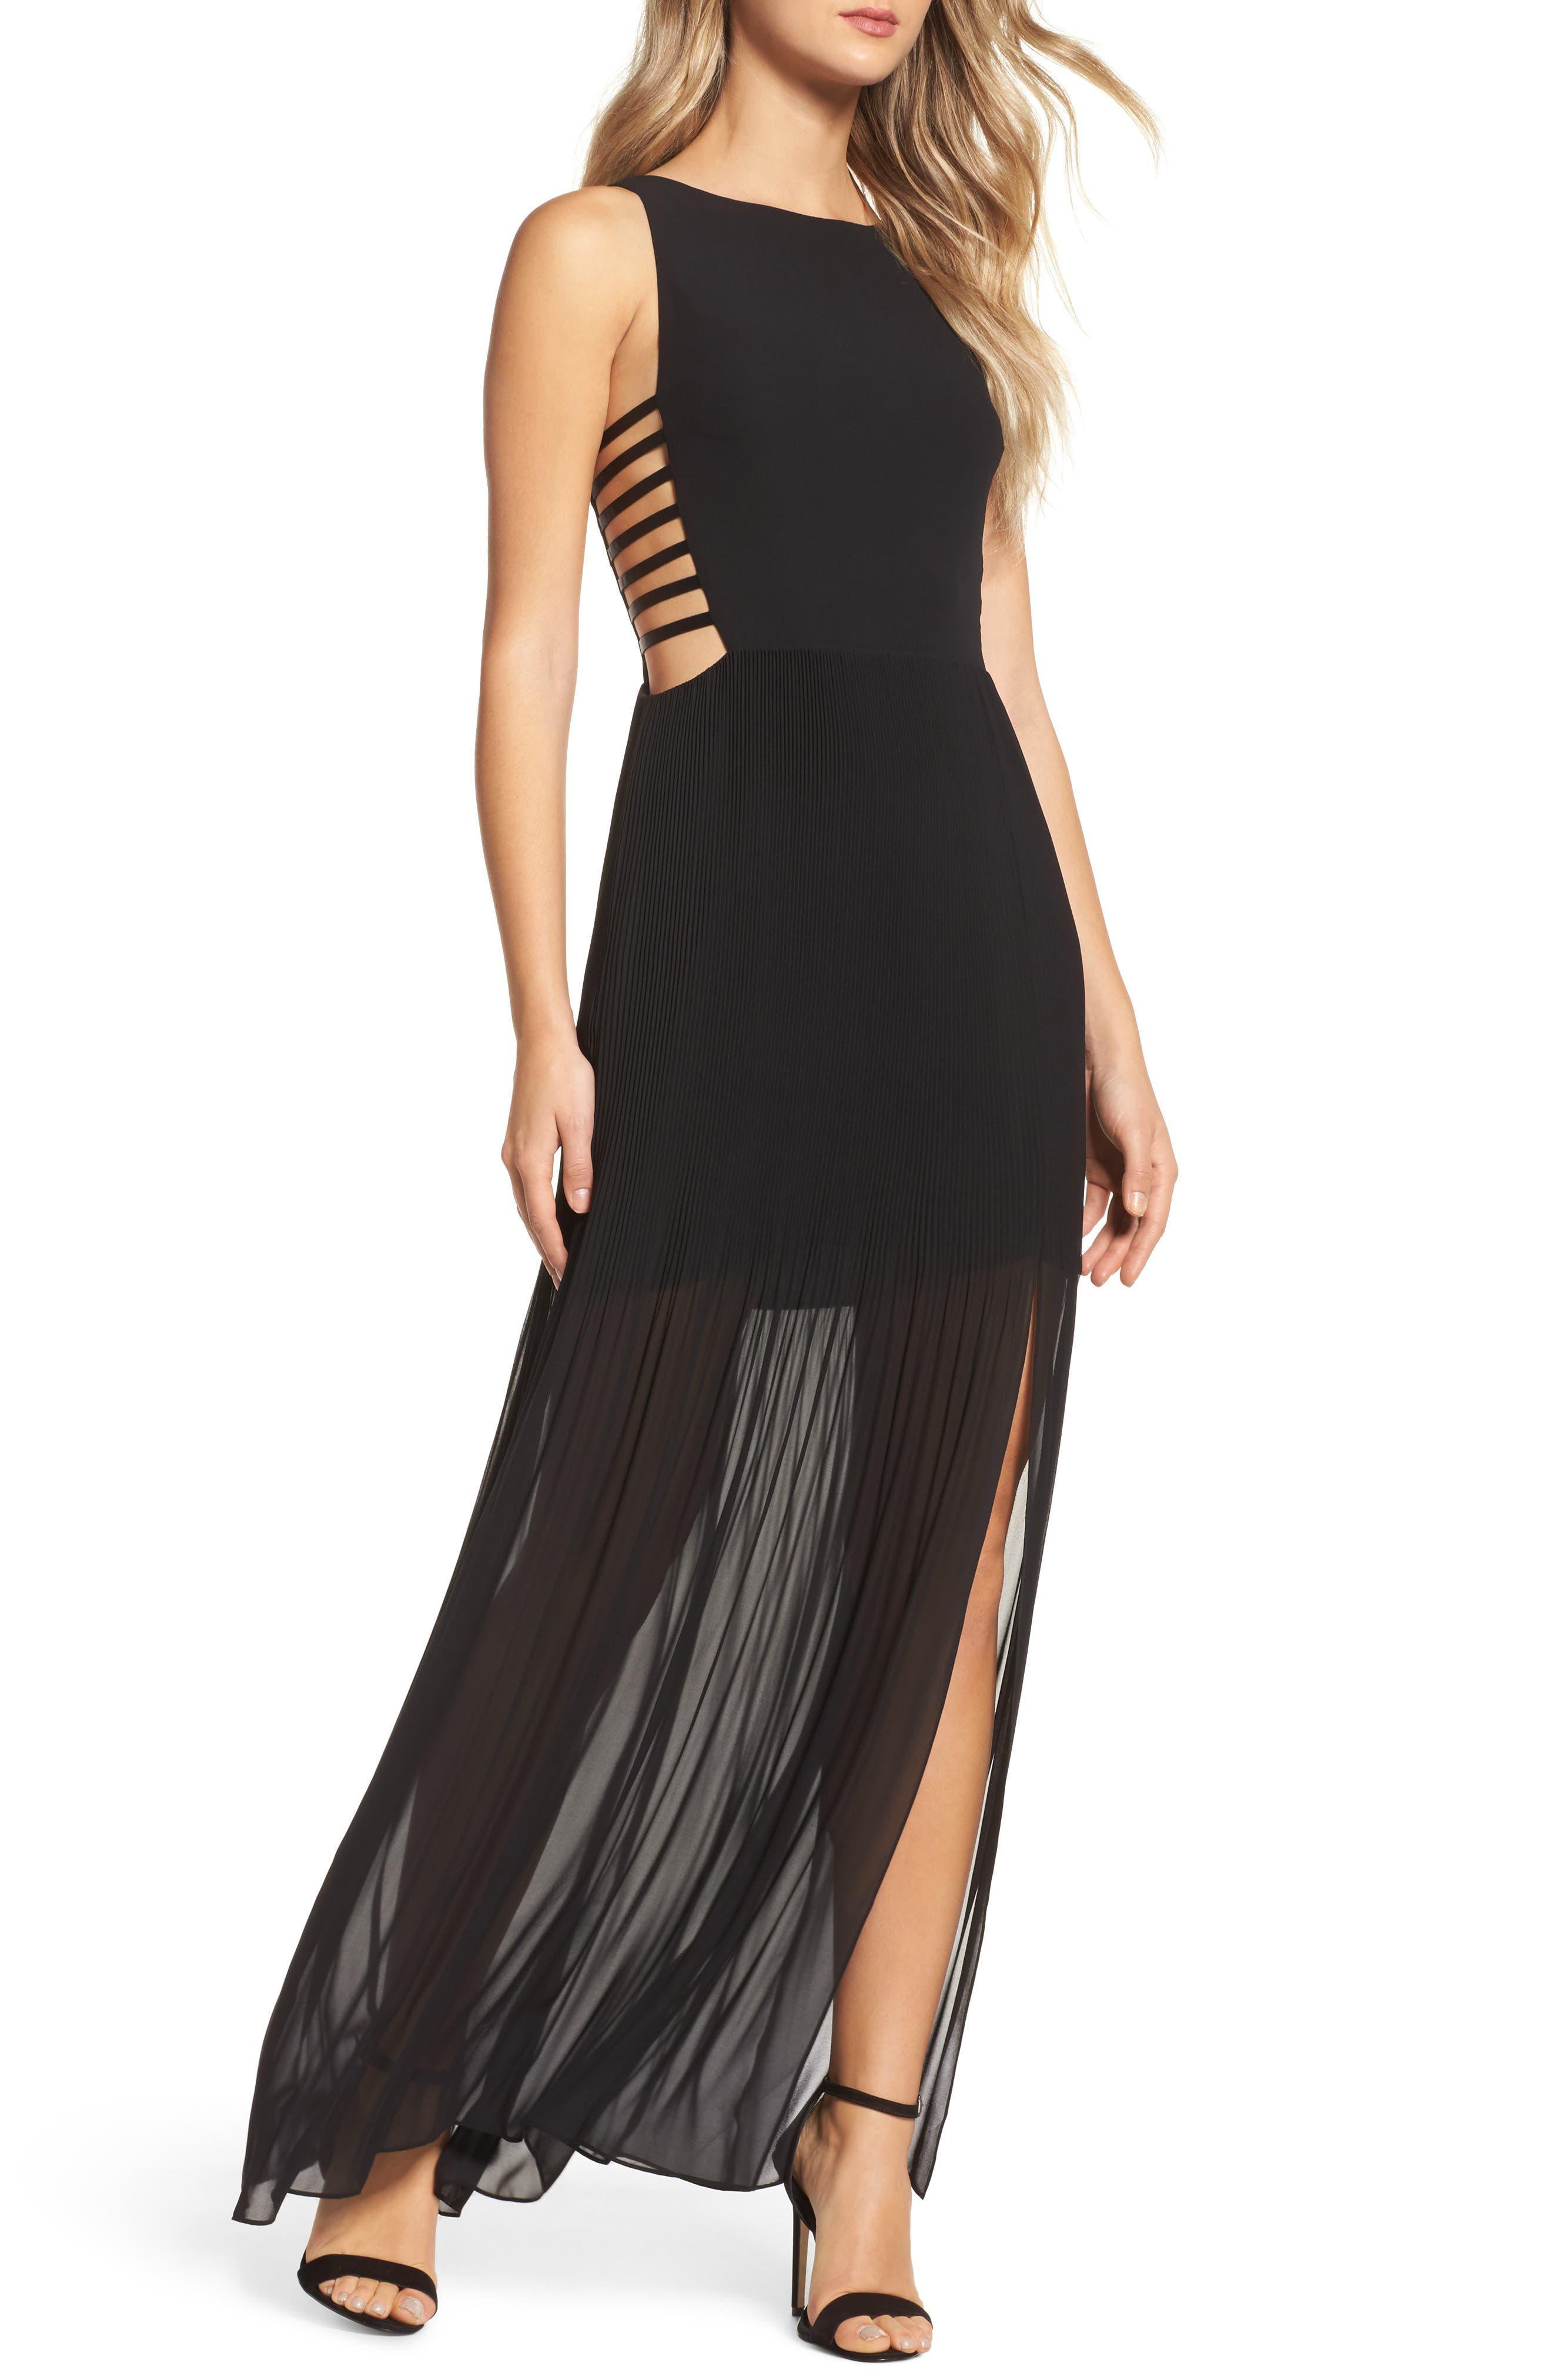 Sunset Blvd Maxi Dress,                         Main,                         color, 001